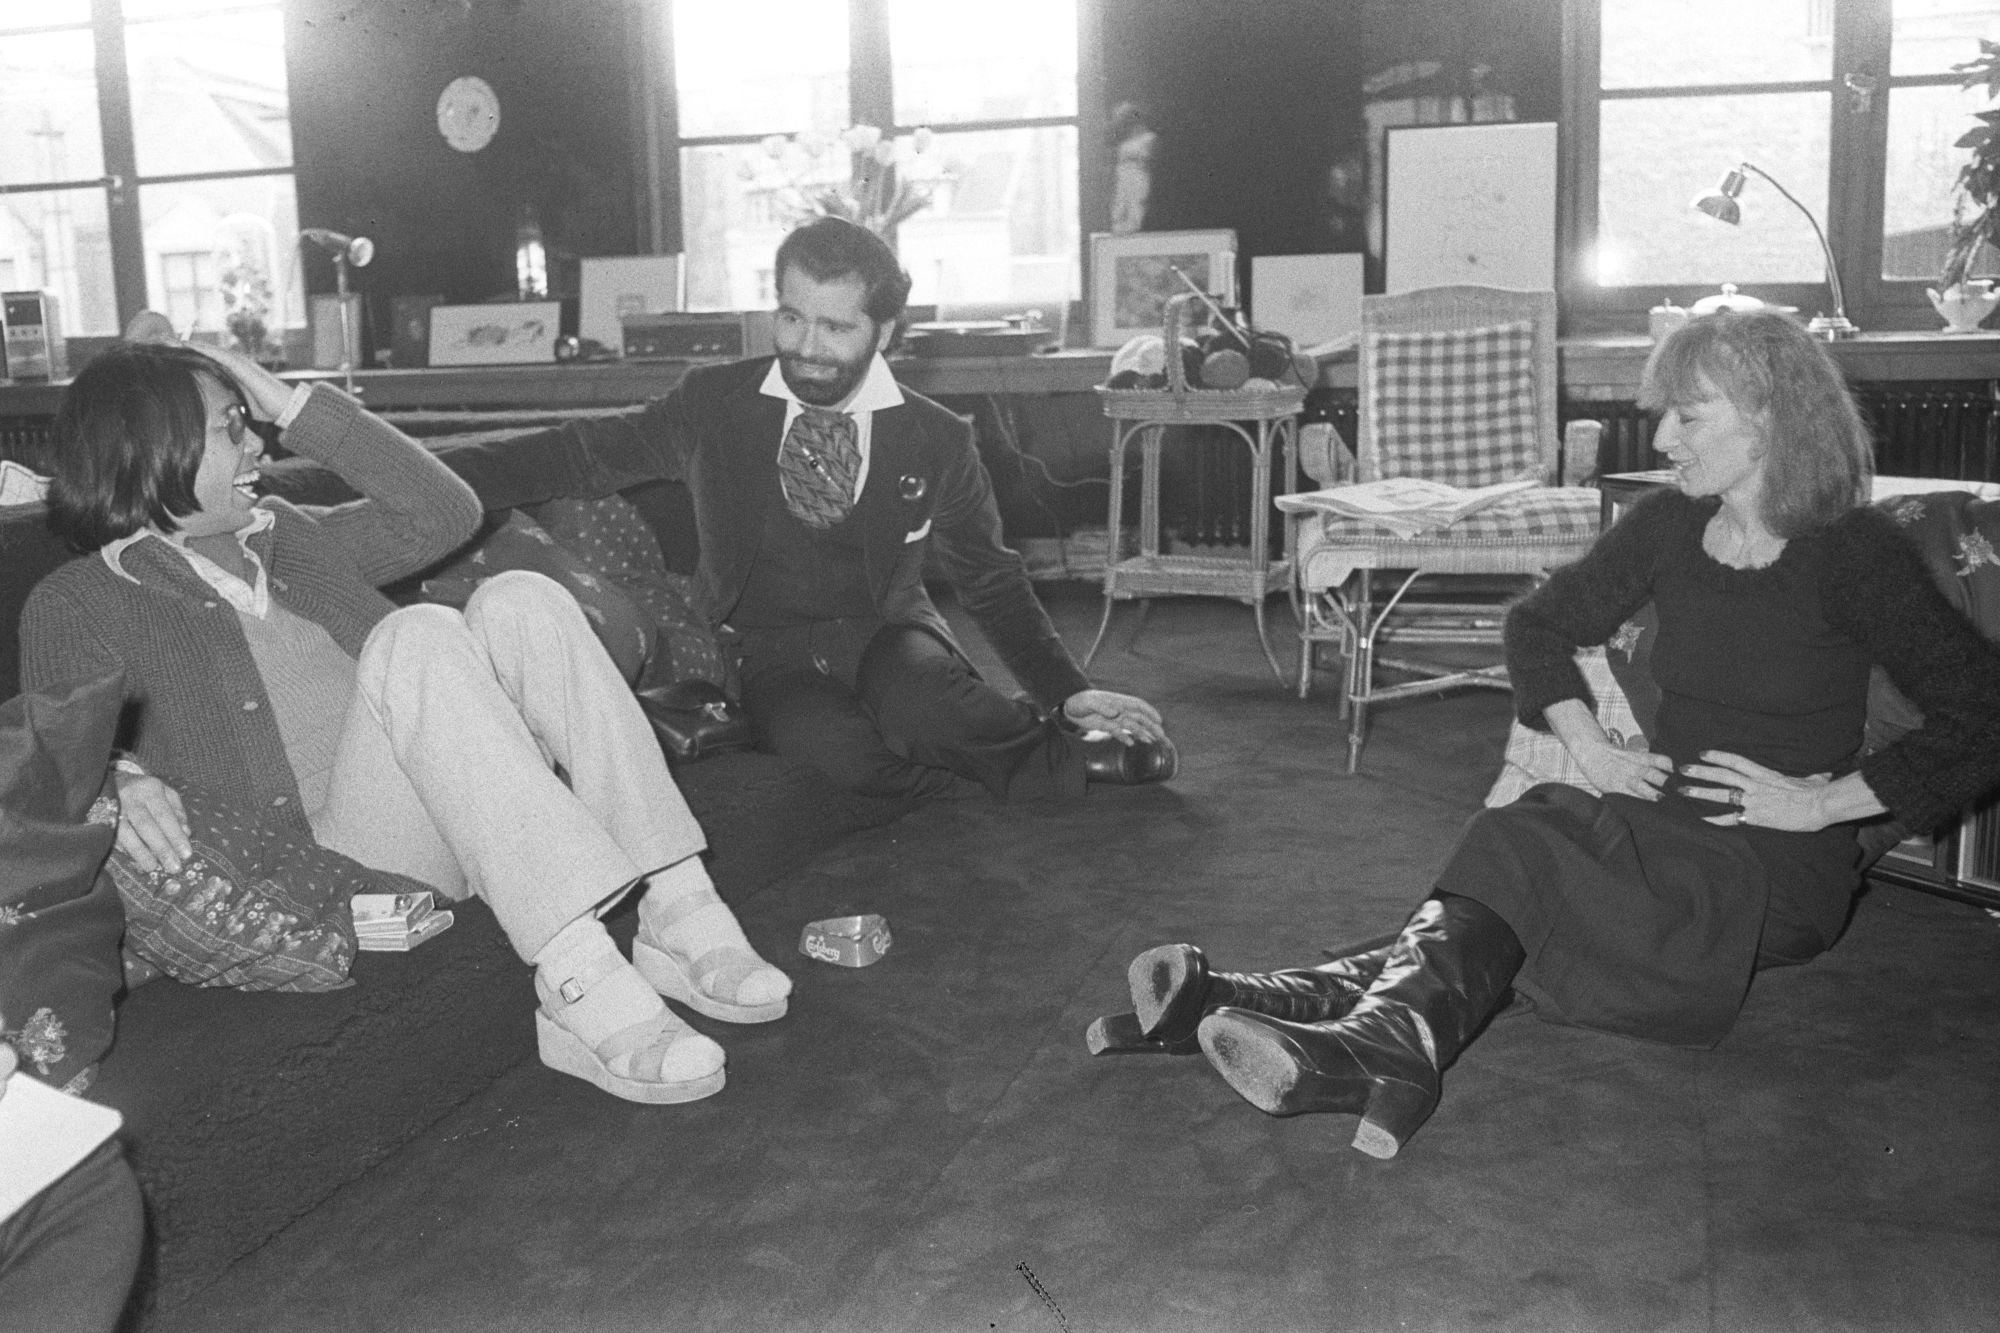 ntk kenzo takada karl lagerfeld và sonia rykiel năm 1973